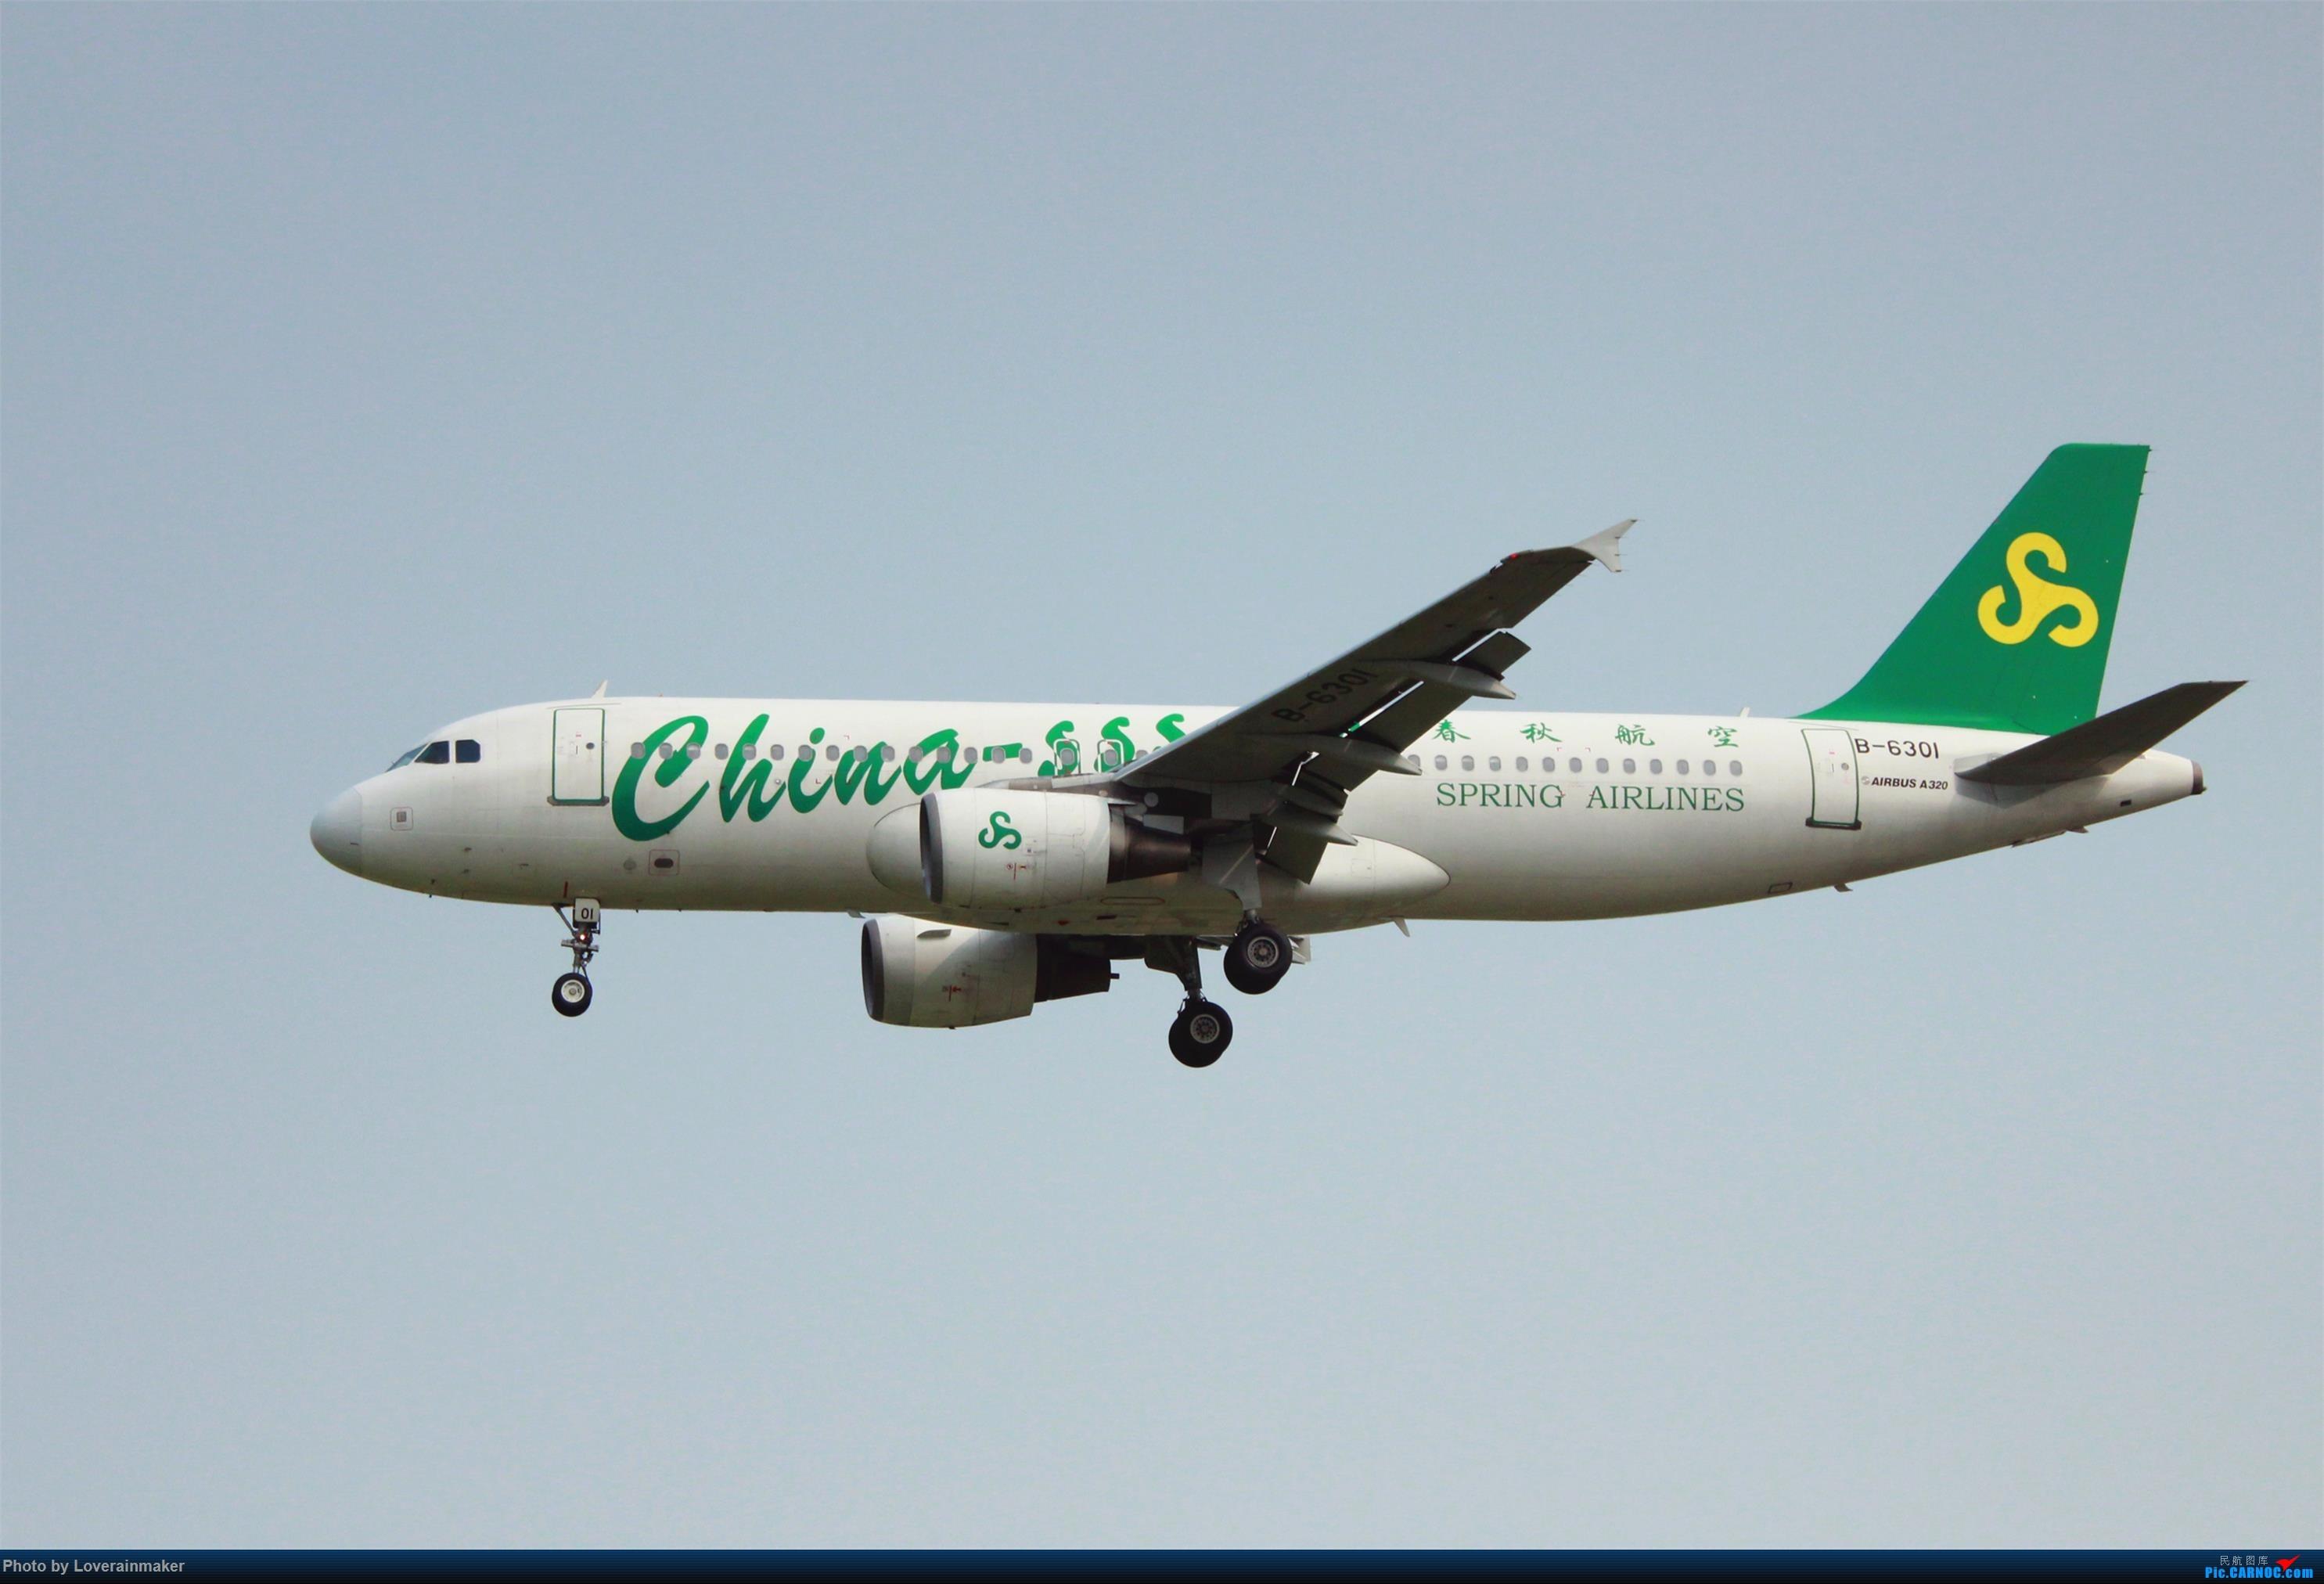 Re:[原创]HGH 杭州萧山国际机场 25 跑道头拍机 AIRBUS A320-200 B-6310 中国杭州萧山国际机场